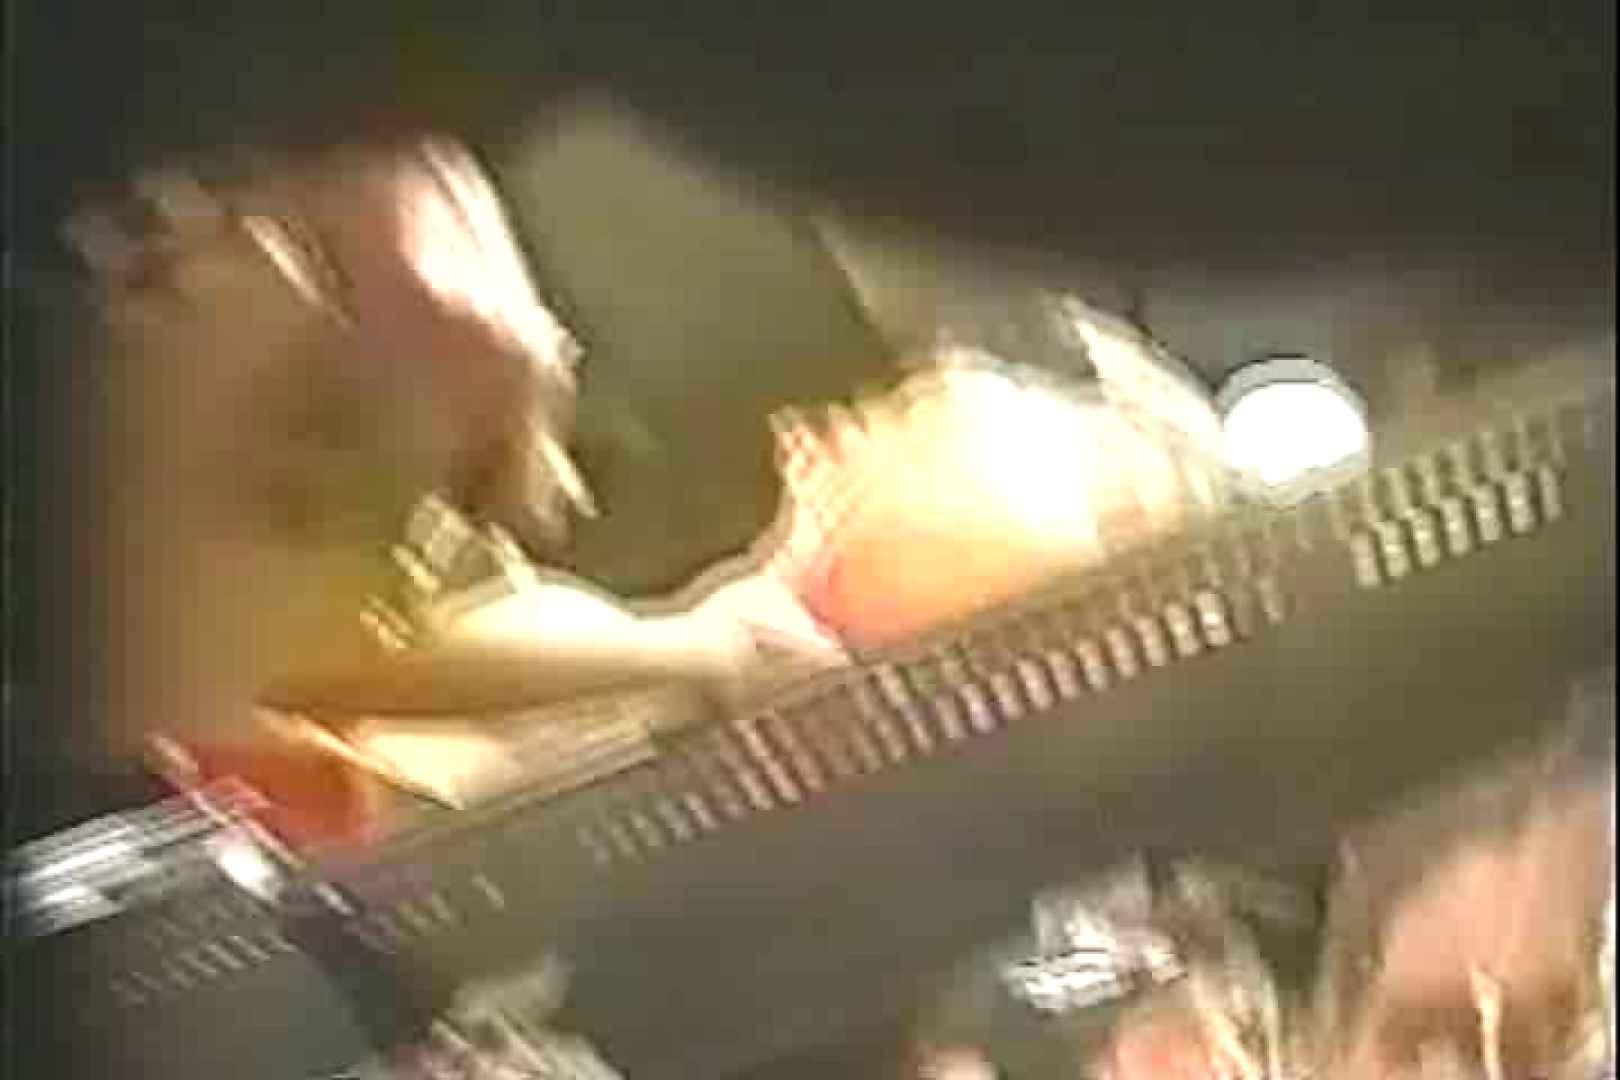 「ちくりん」さんのオリジナル未編集パンチラVol.3_02 チラ見え画像 われめAV動画紹介 65連発 14